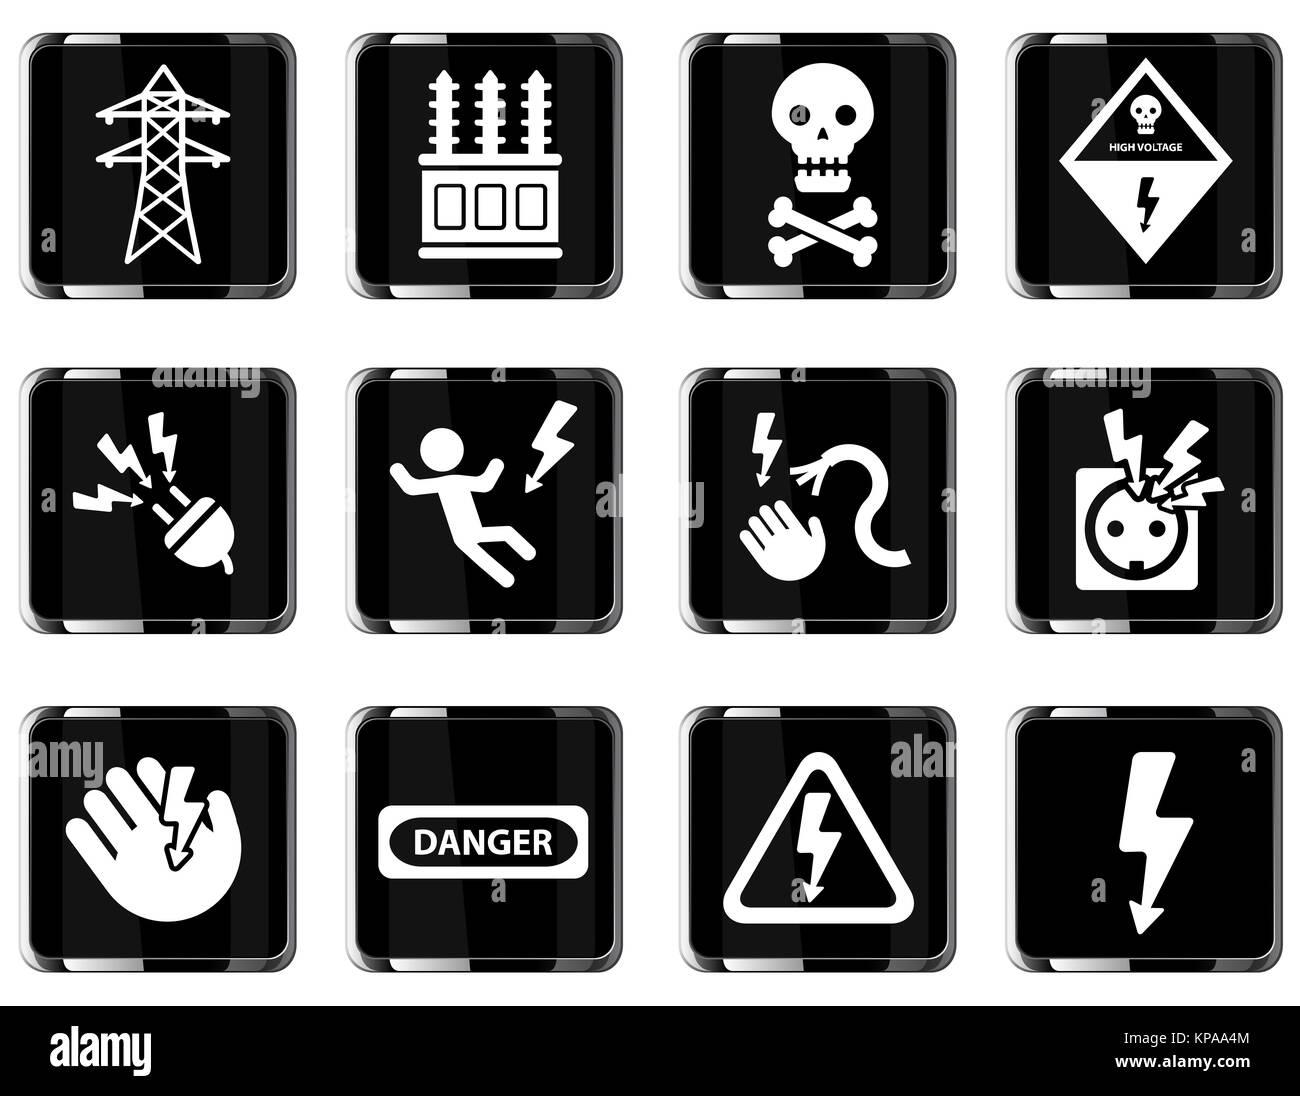 Schön Spannung Ac Symbol Ideen - Elektrische Schaltplan-Ideen ...